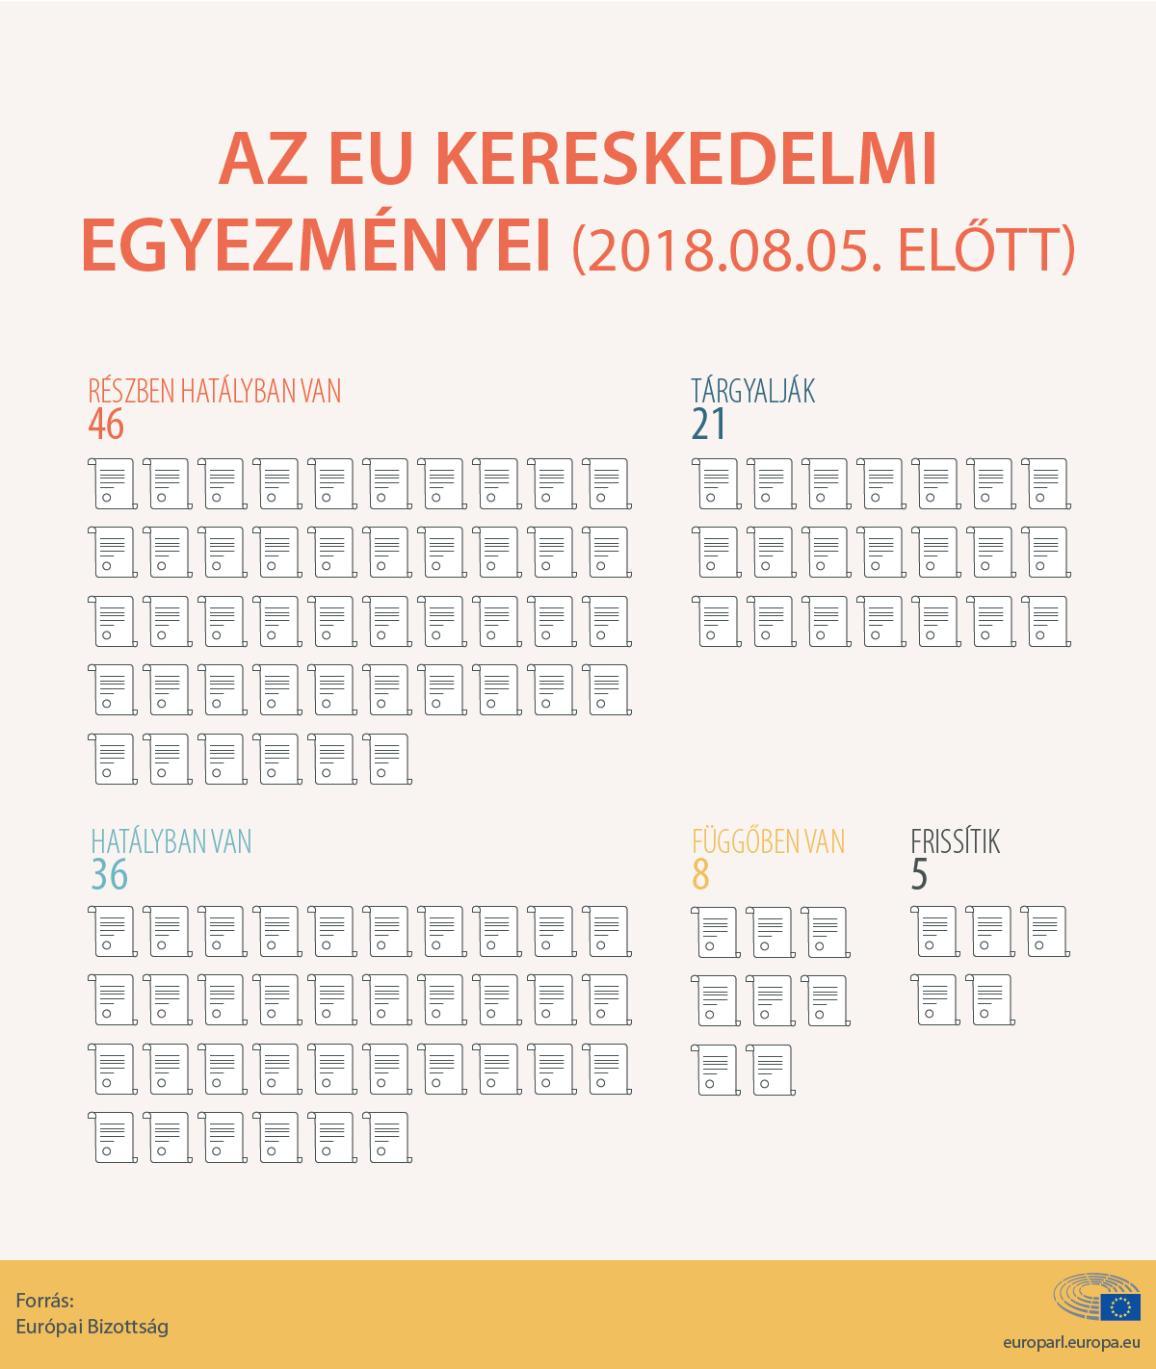 Az EU kereskedelmi egyezményei 2018-ig bezárólag